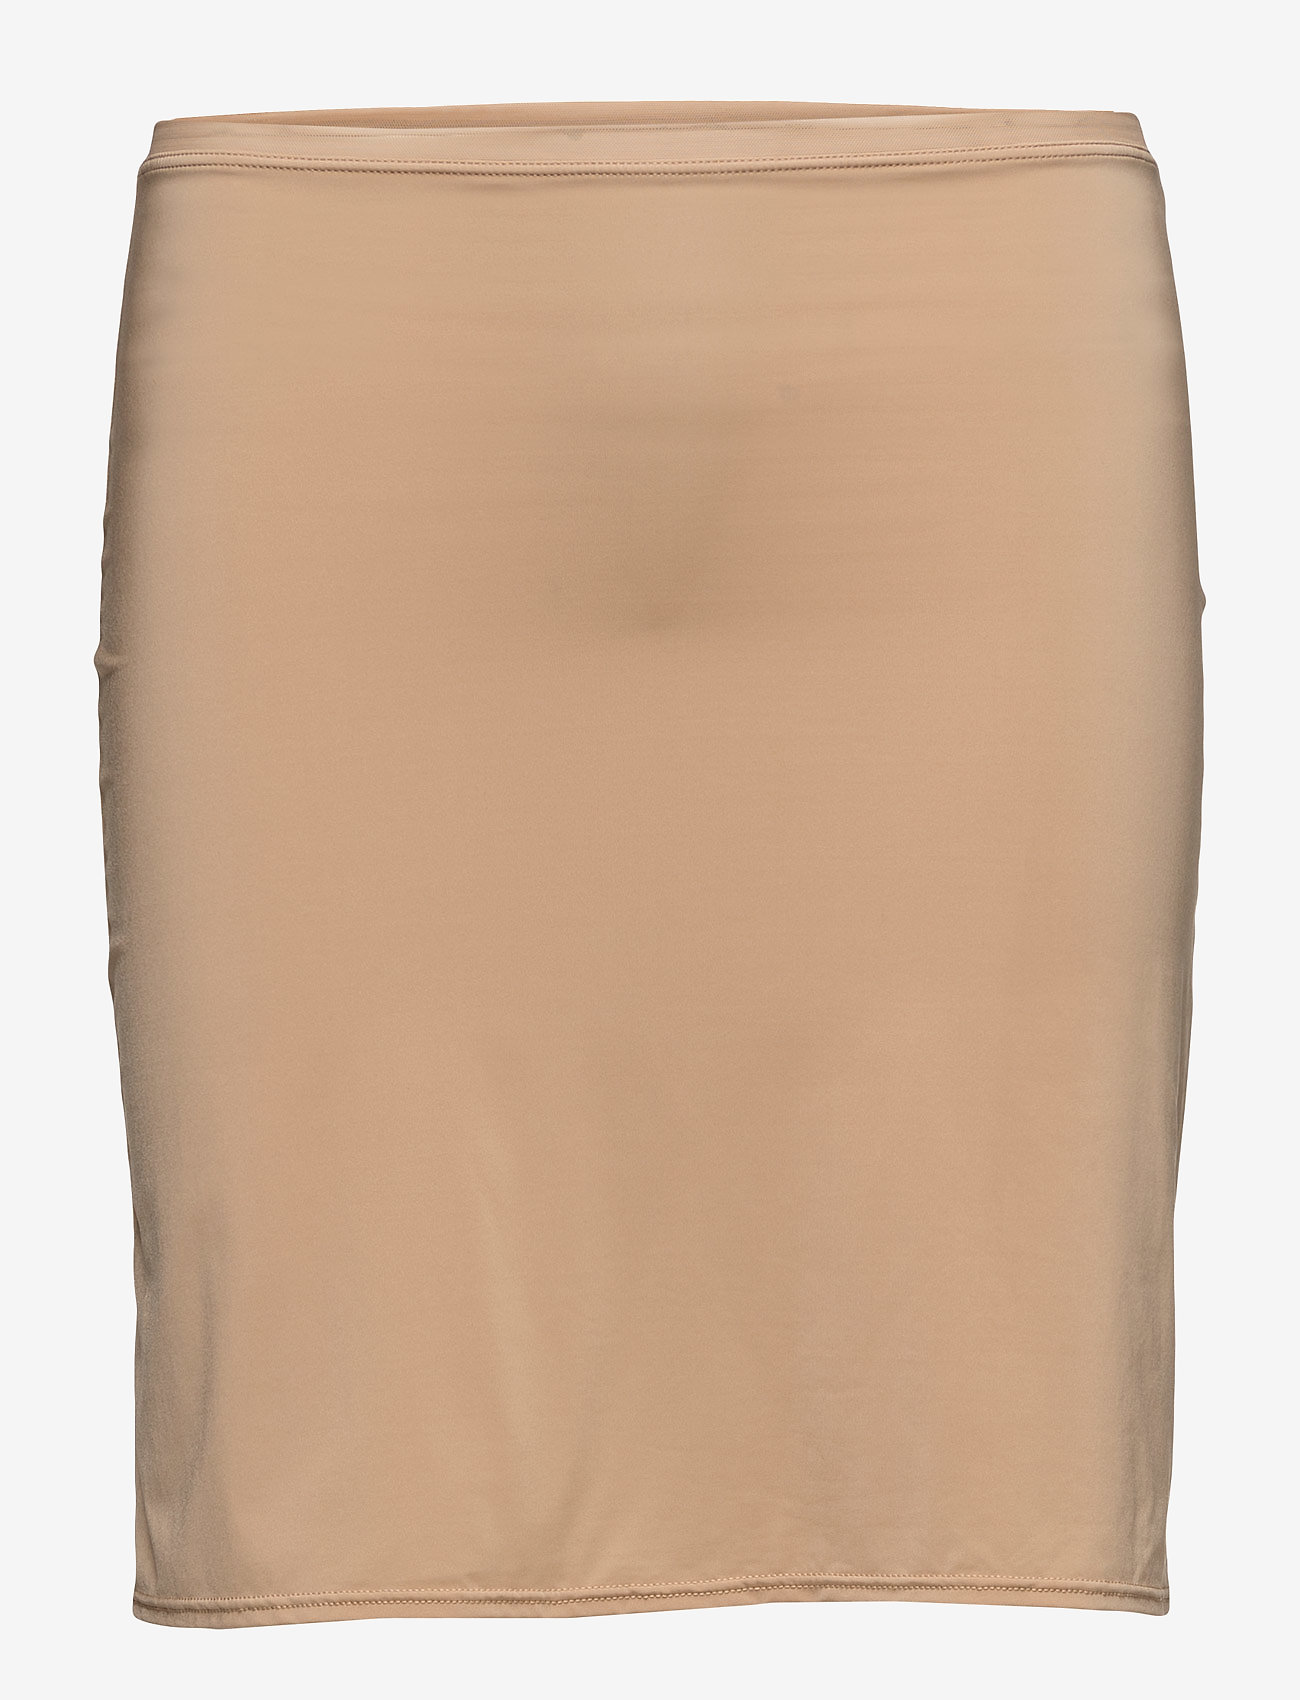 Calvin Klein - HALF SLIP - bodies & slips - buff - 0